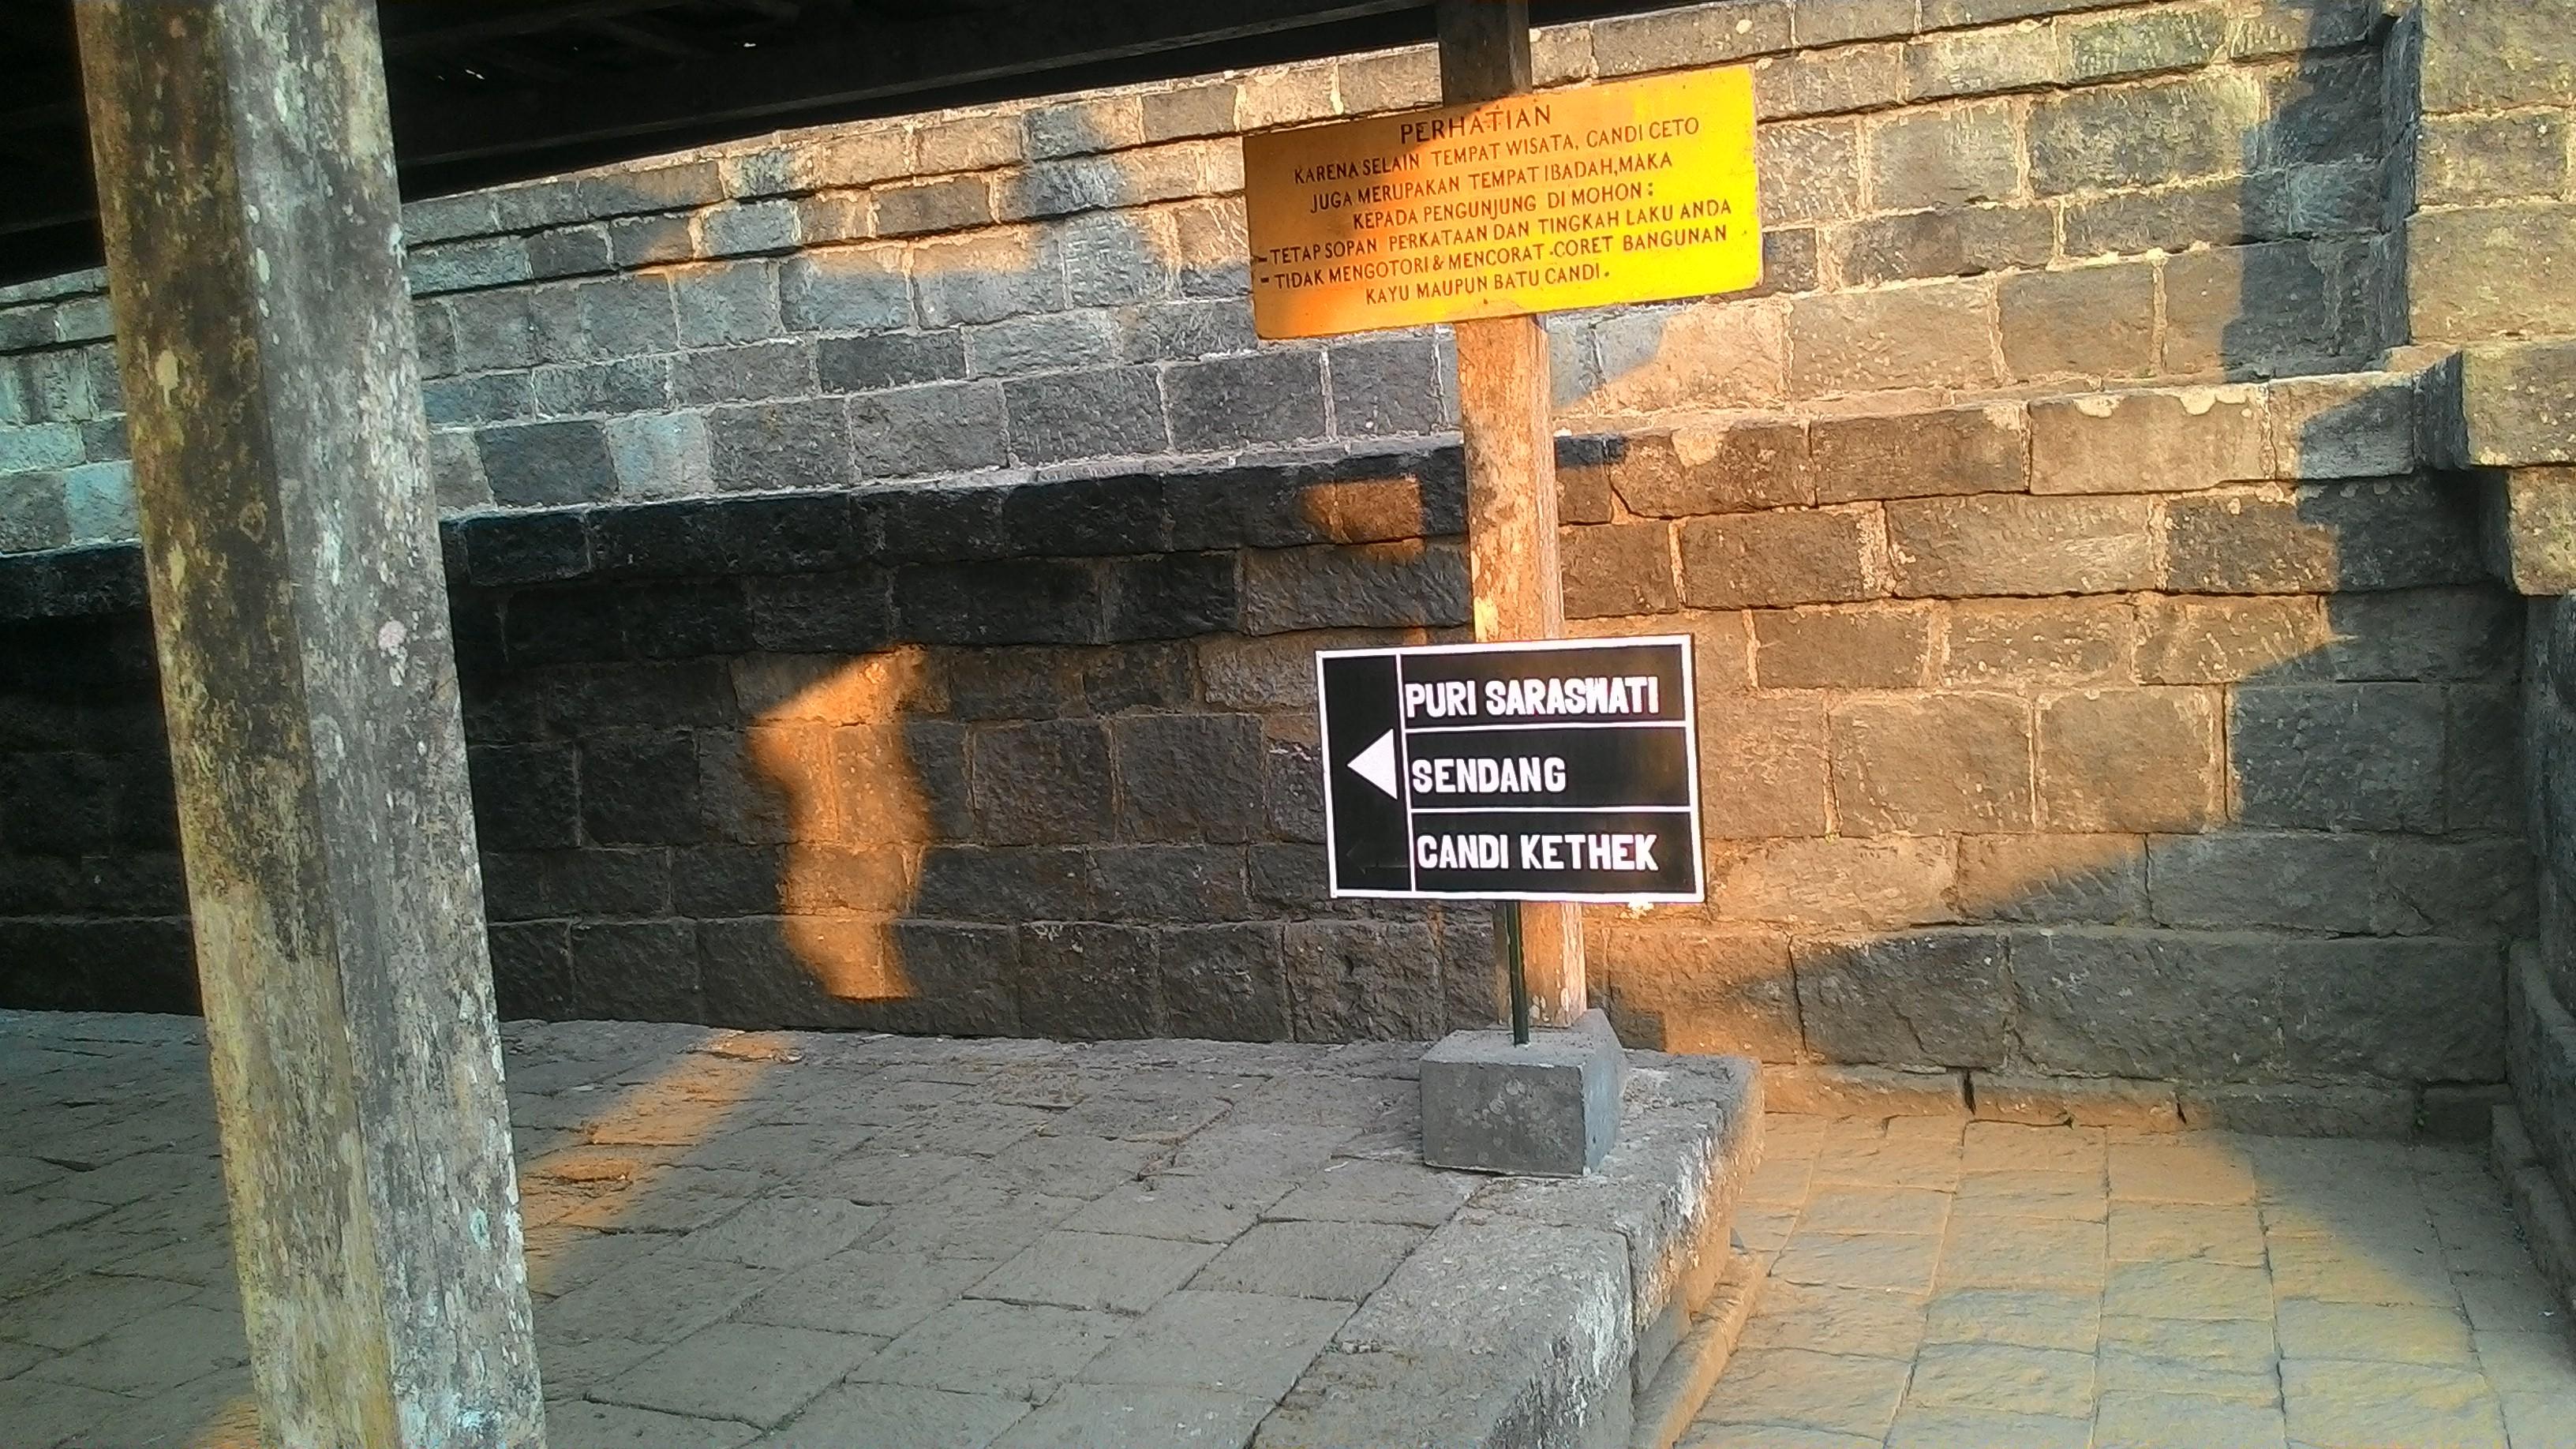 Candi Kethek Karanganyar Jawa Tengah Myrepro Teras 2 Cetho Puri